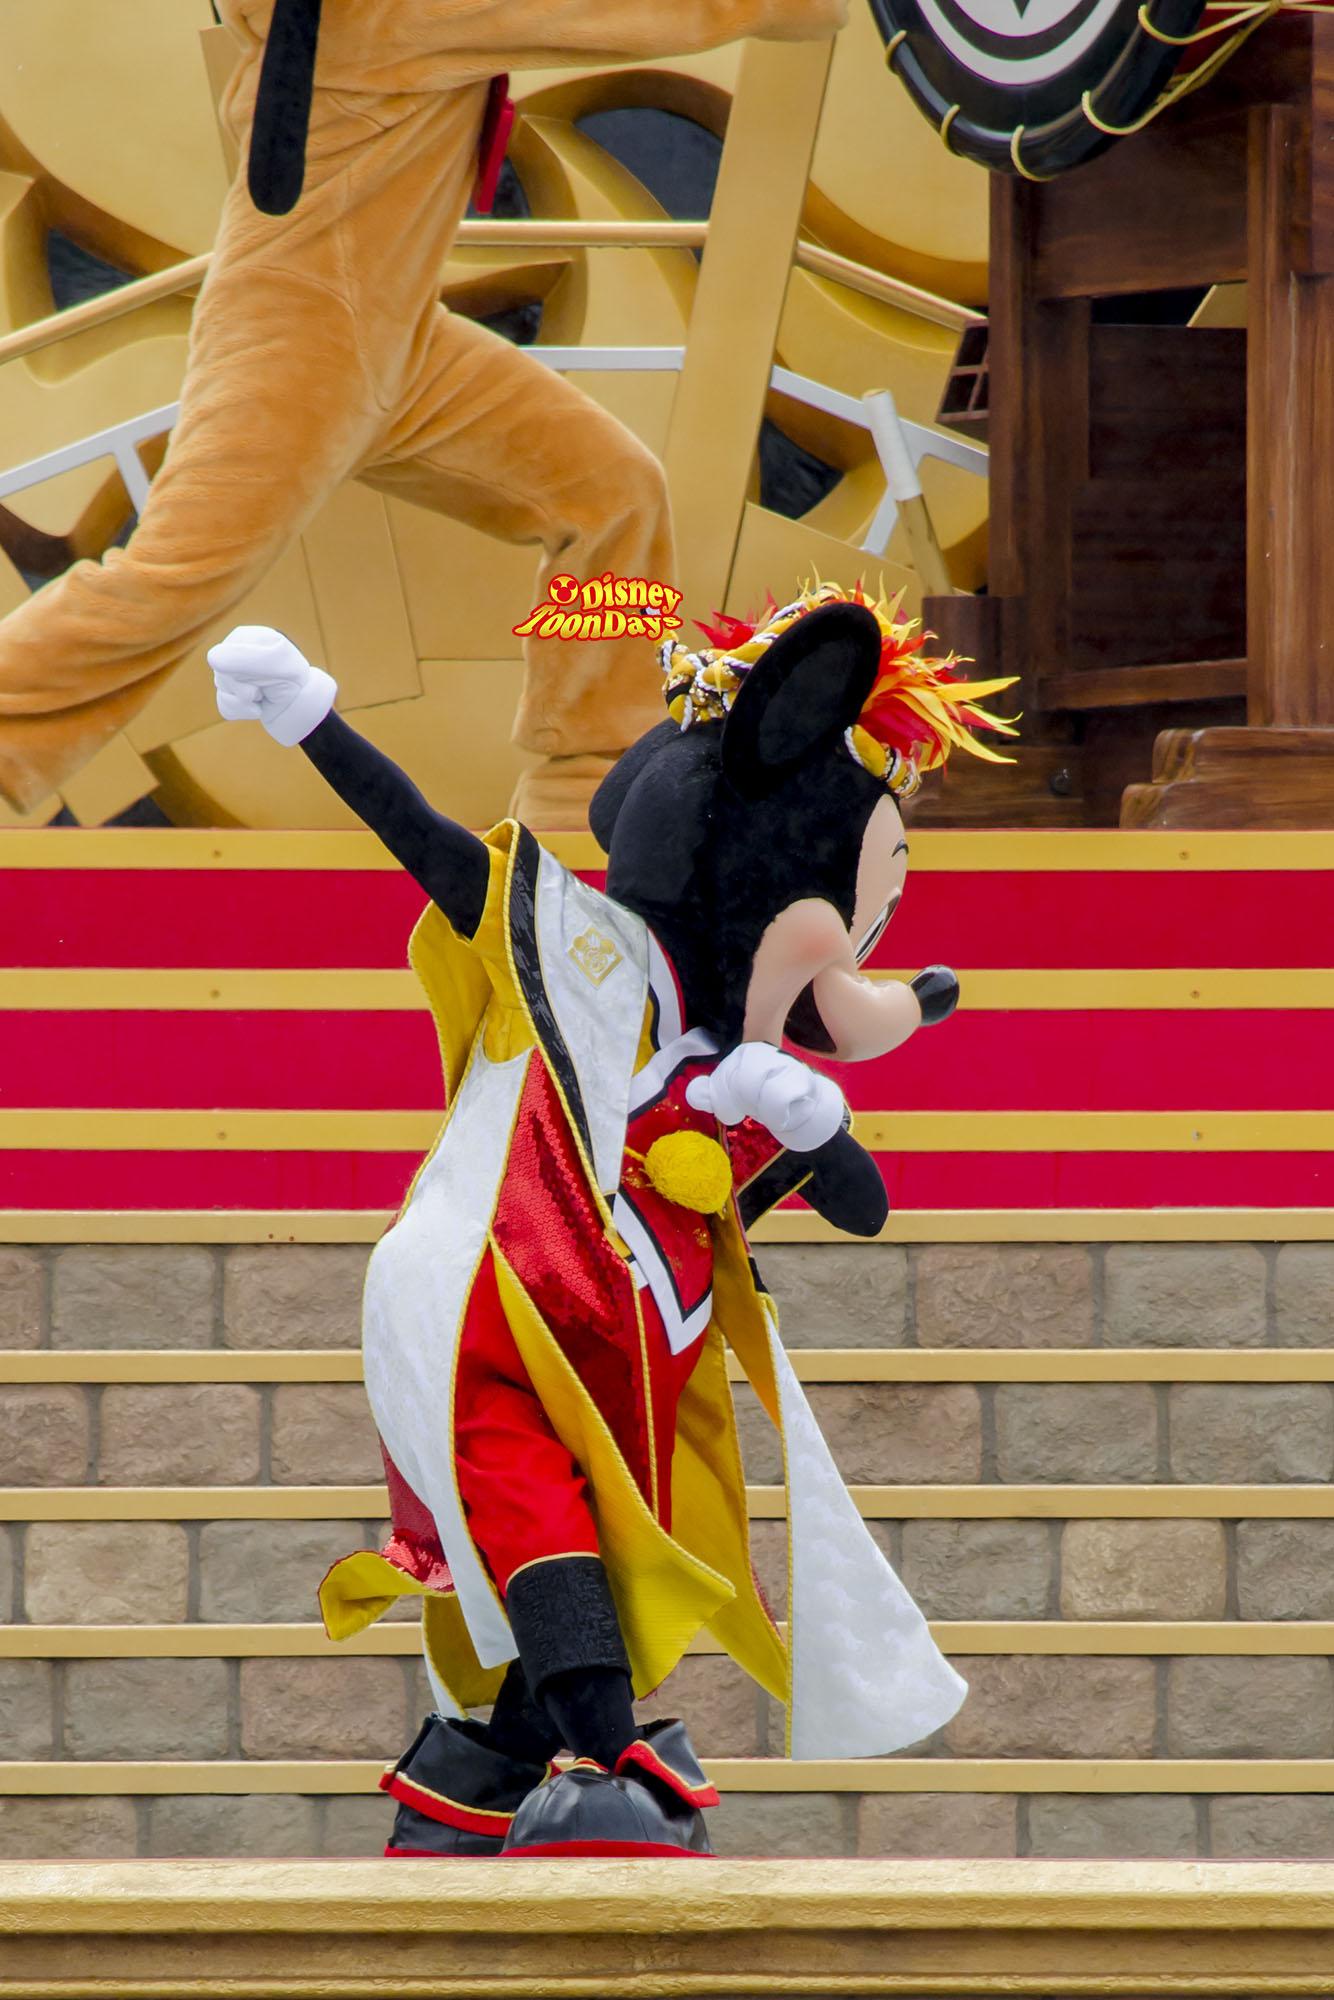 TDS 夏ディズニー2013 爽涼鼓舞 ミッキーマウス